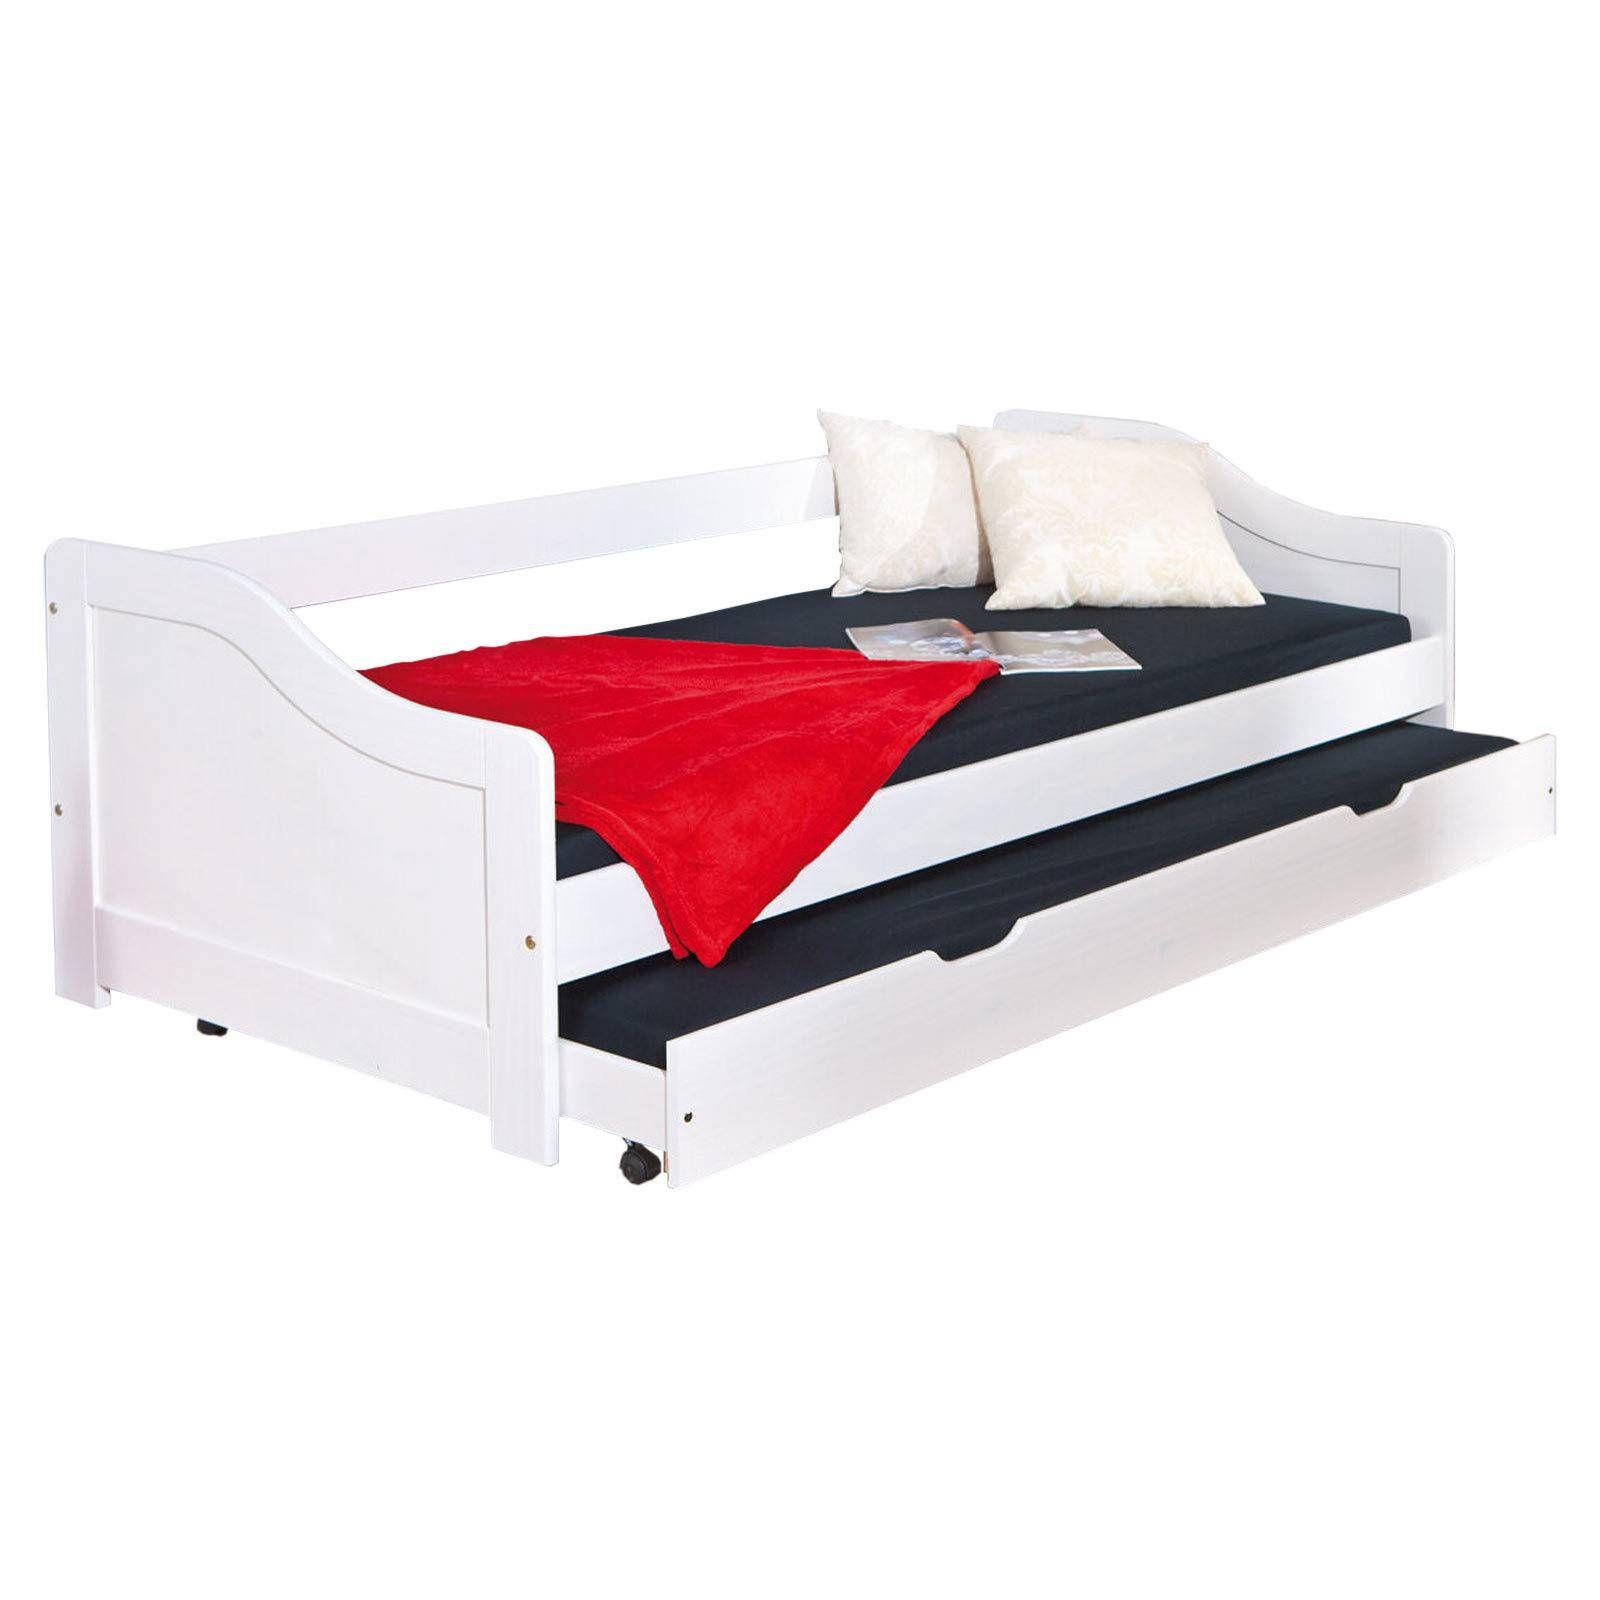 Schau Mal Was Ich Bei Roller Gefunden Habe Sofabett Leonie Weiss Massivholz 2 Liegeflachen Sofa Bett Bett Massivholz Sofa